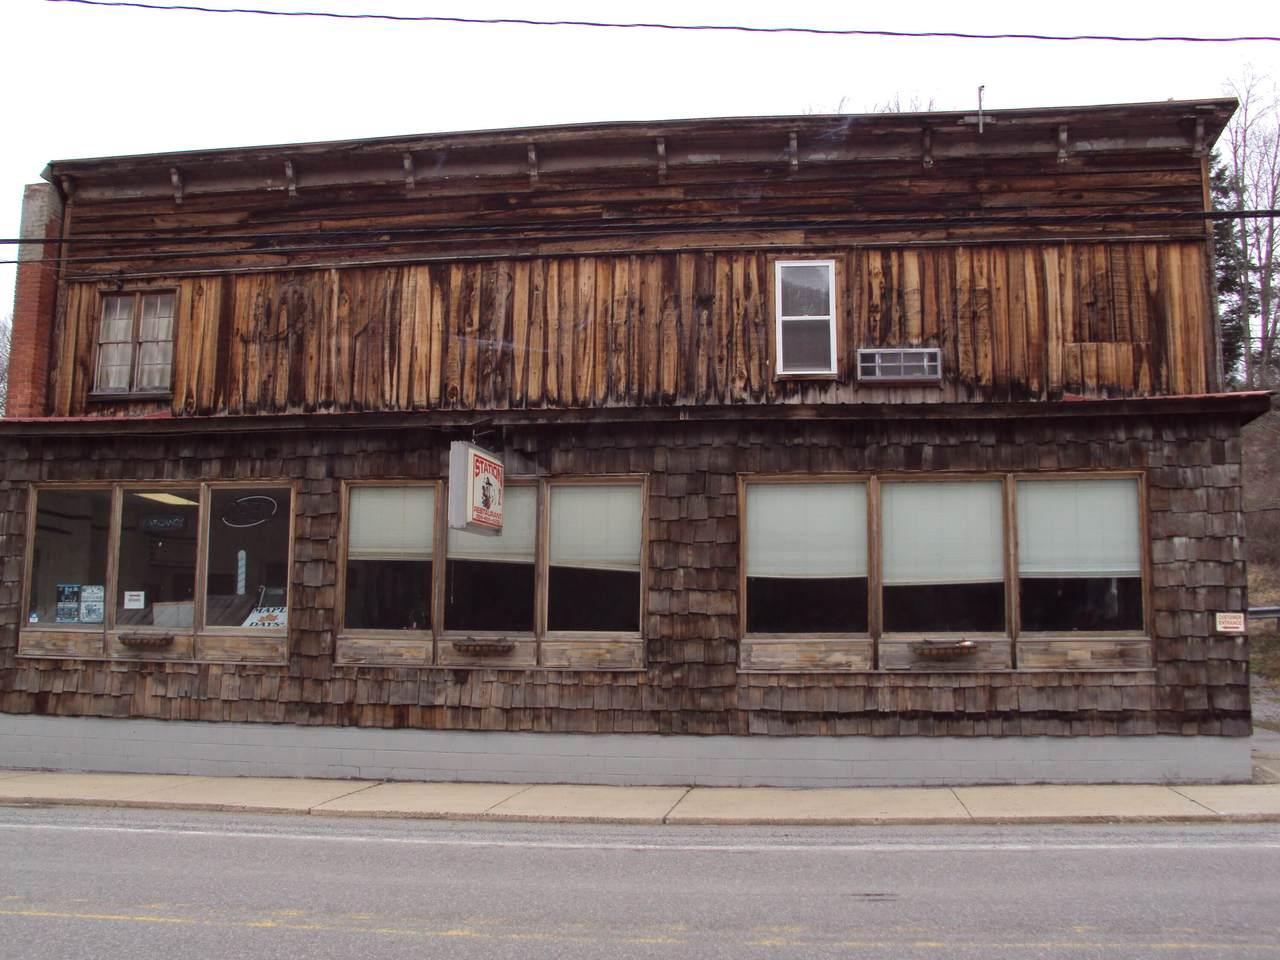 4647 Staunton Parkersburg Tpke - Photo 1